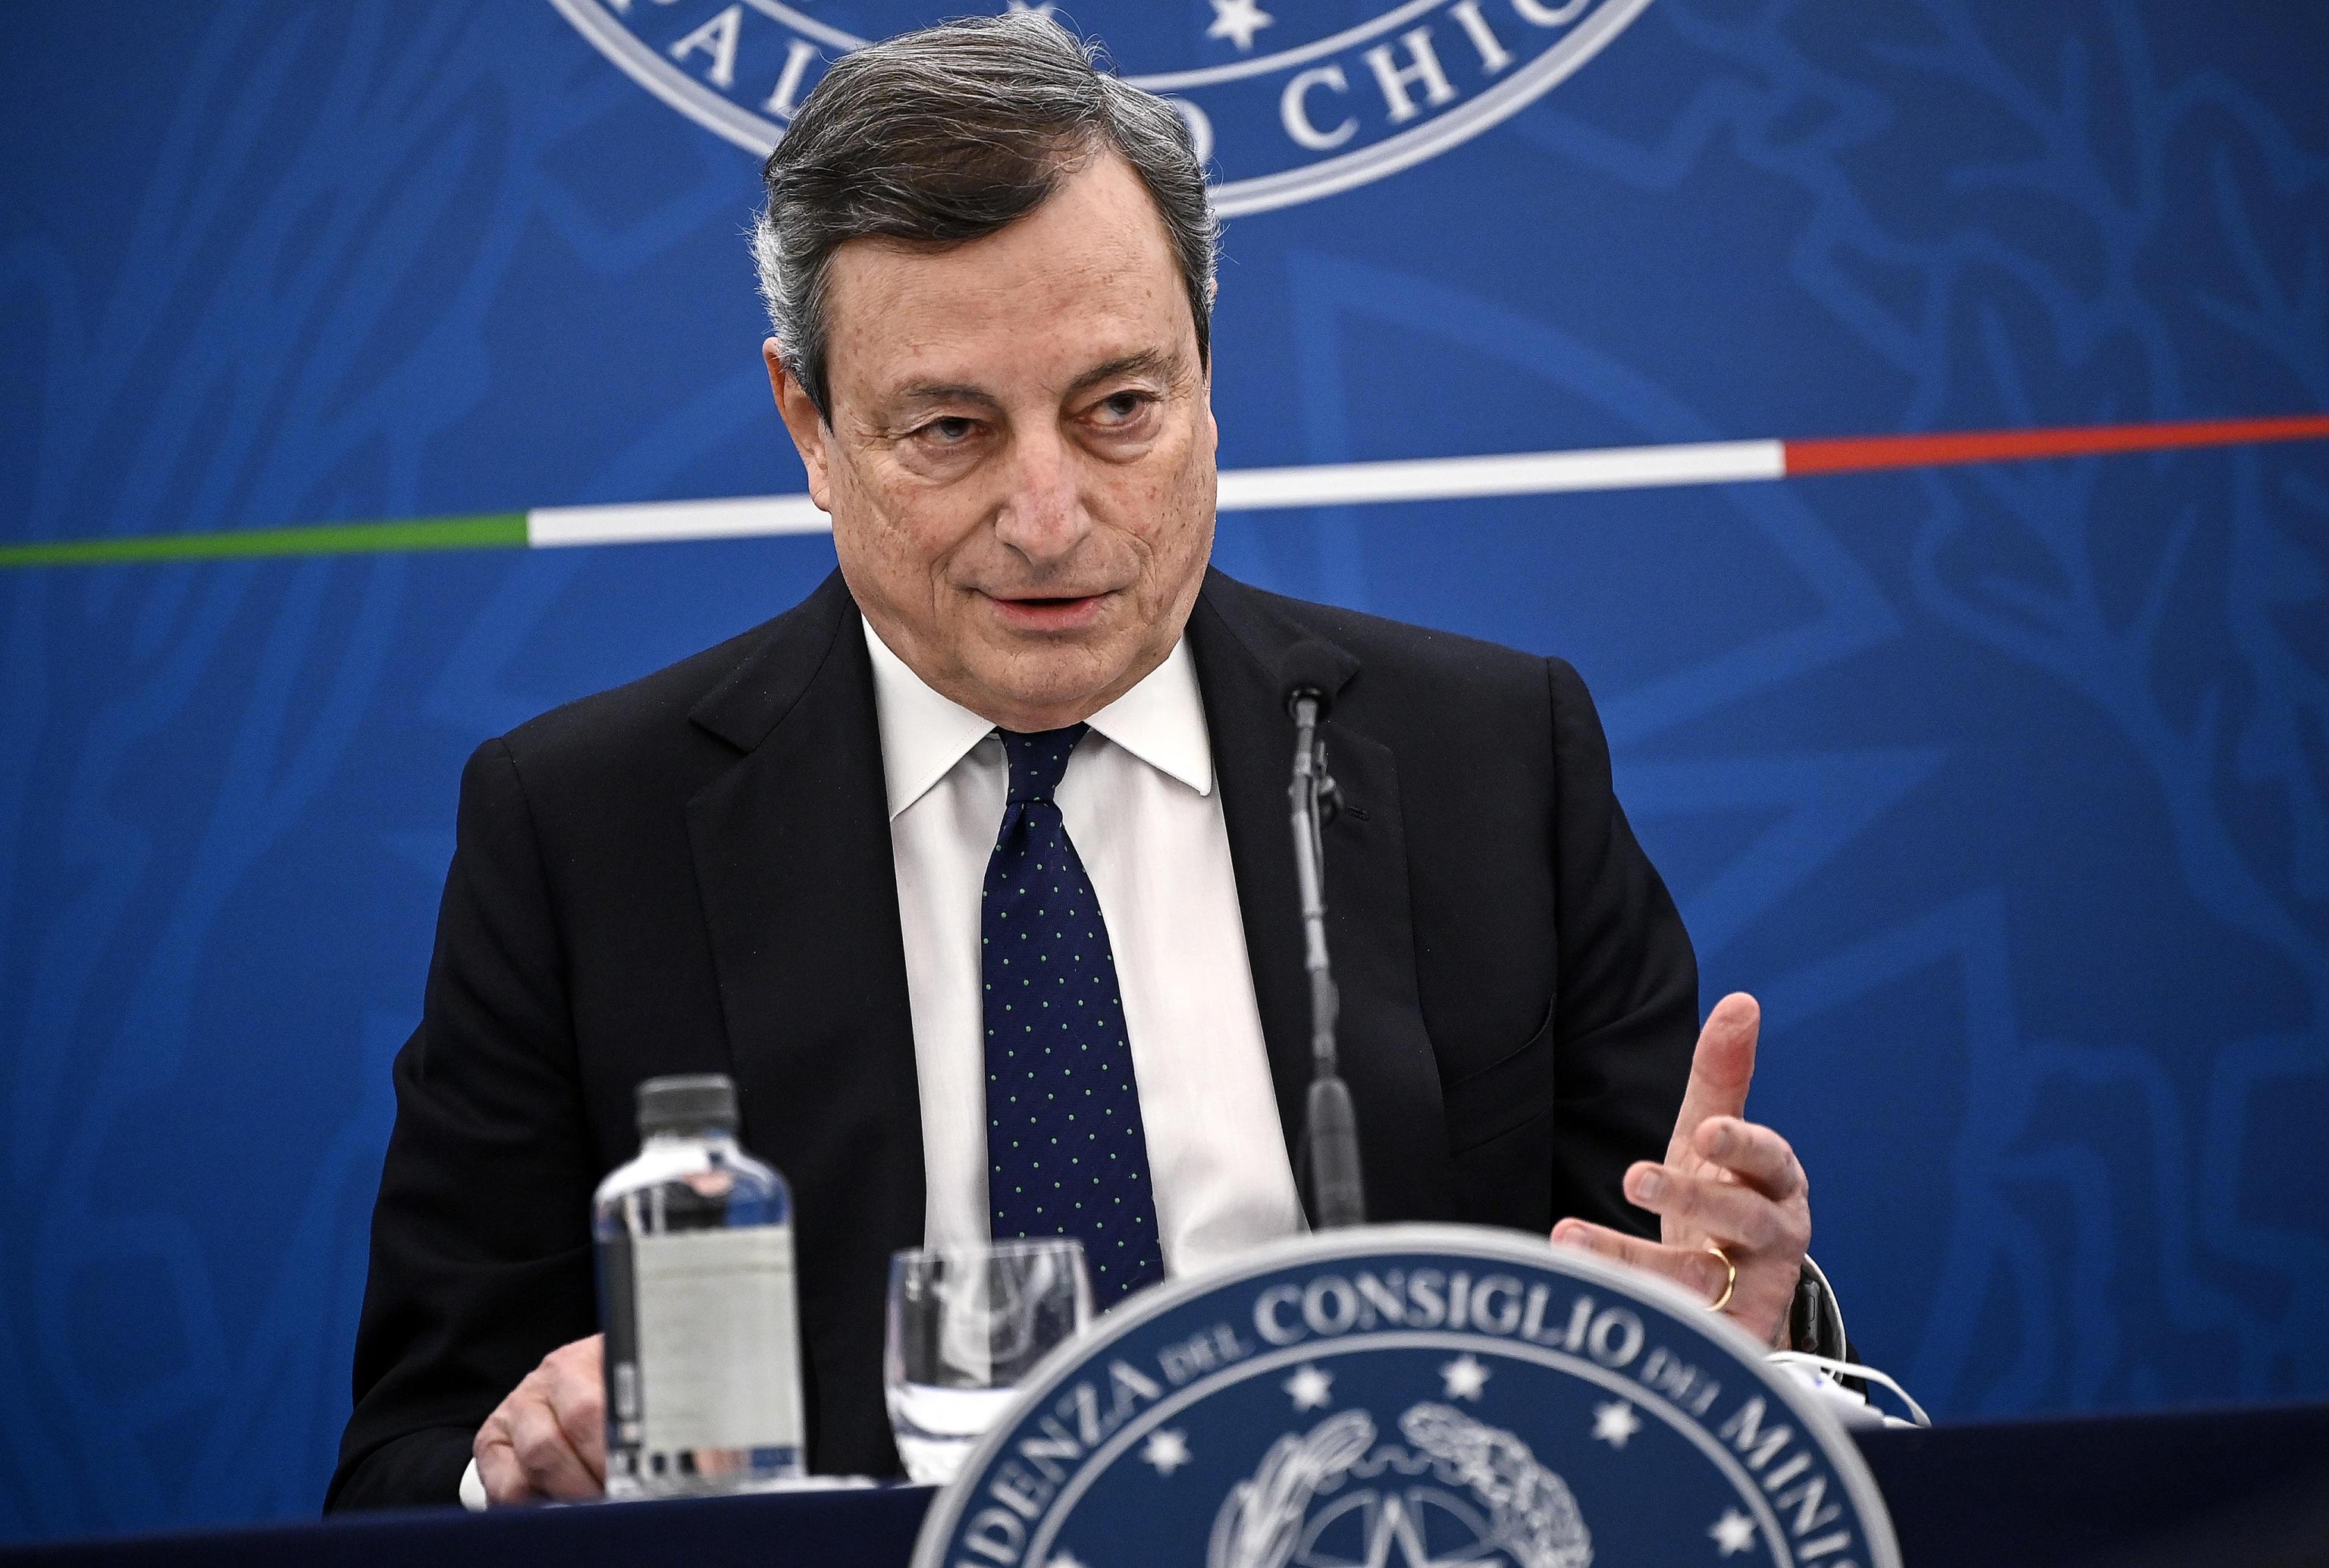 Scuola, terza dose e Green pass: la conferenza stampa di Draghi - Diretta -  Giornale di Sicilia